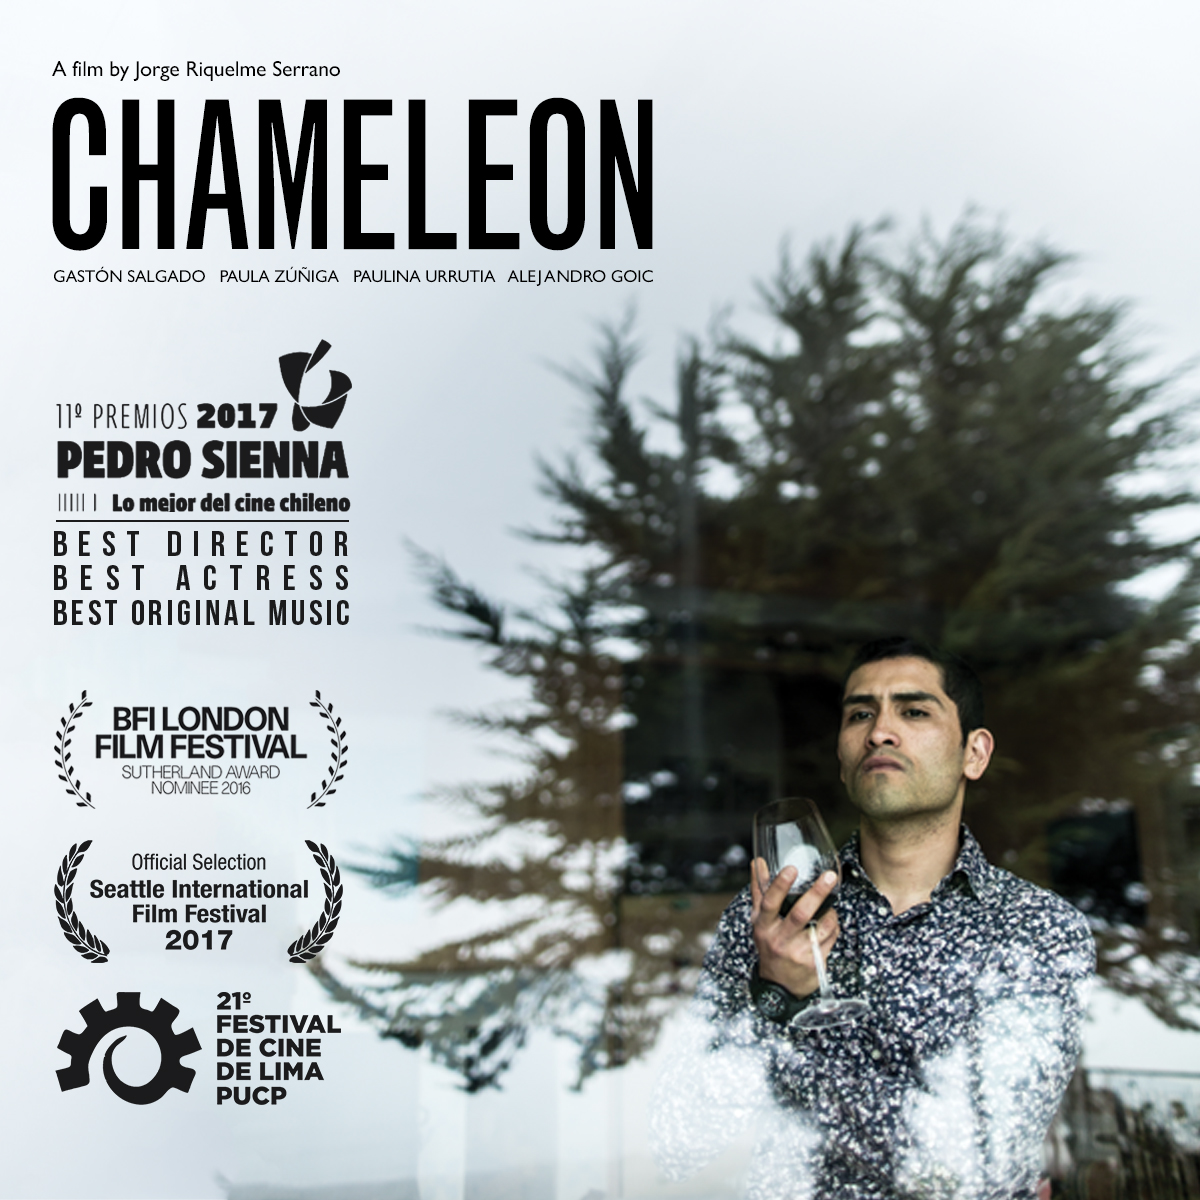 CHAMELEON-website.jpg